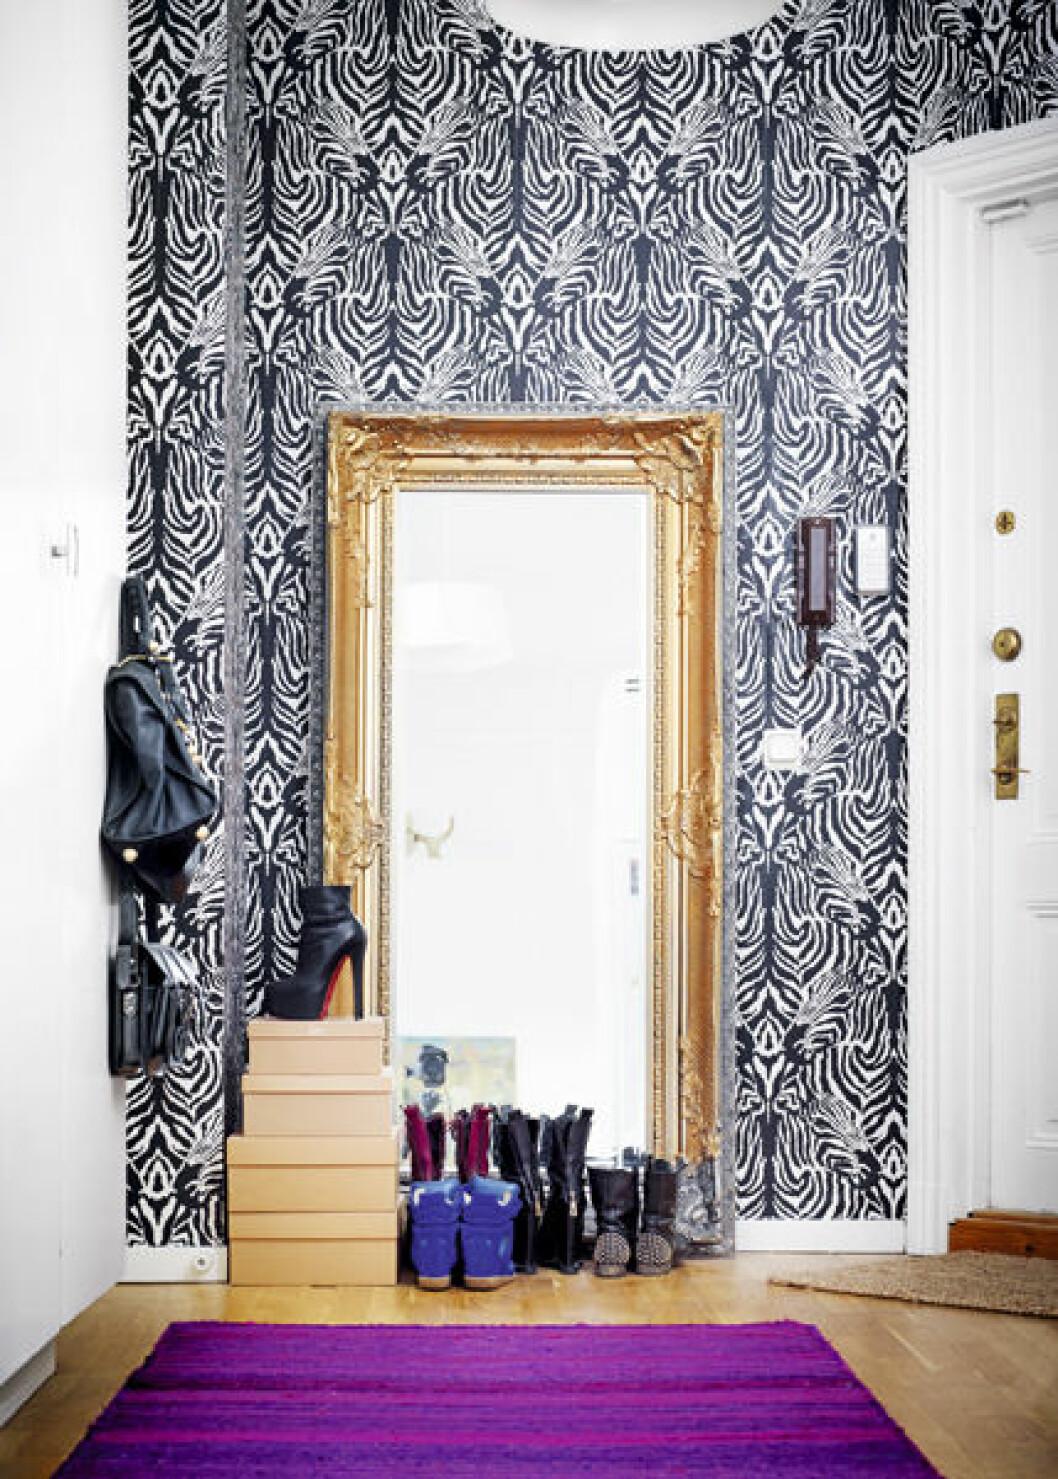 Färgsprakande hall med stor spegel och zebramönstrad tapet